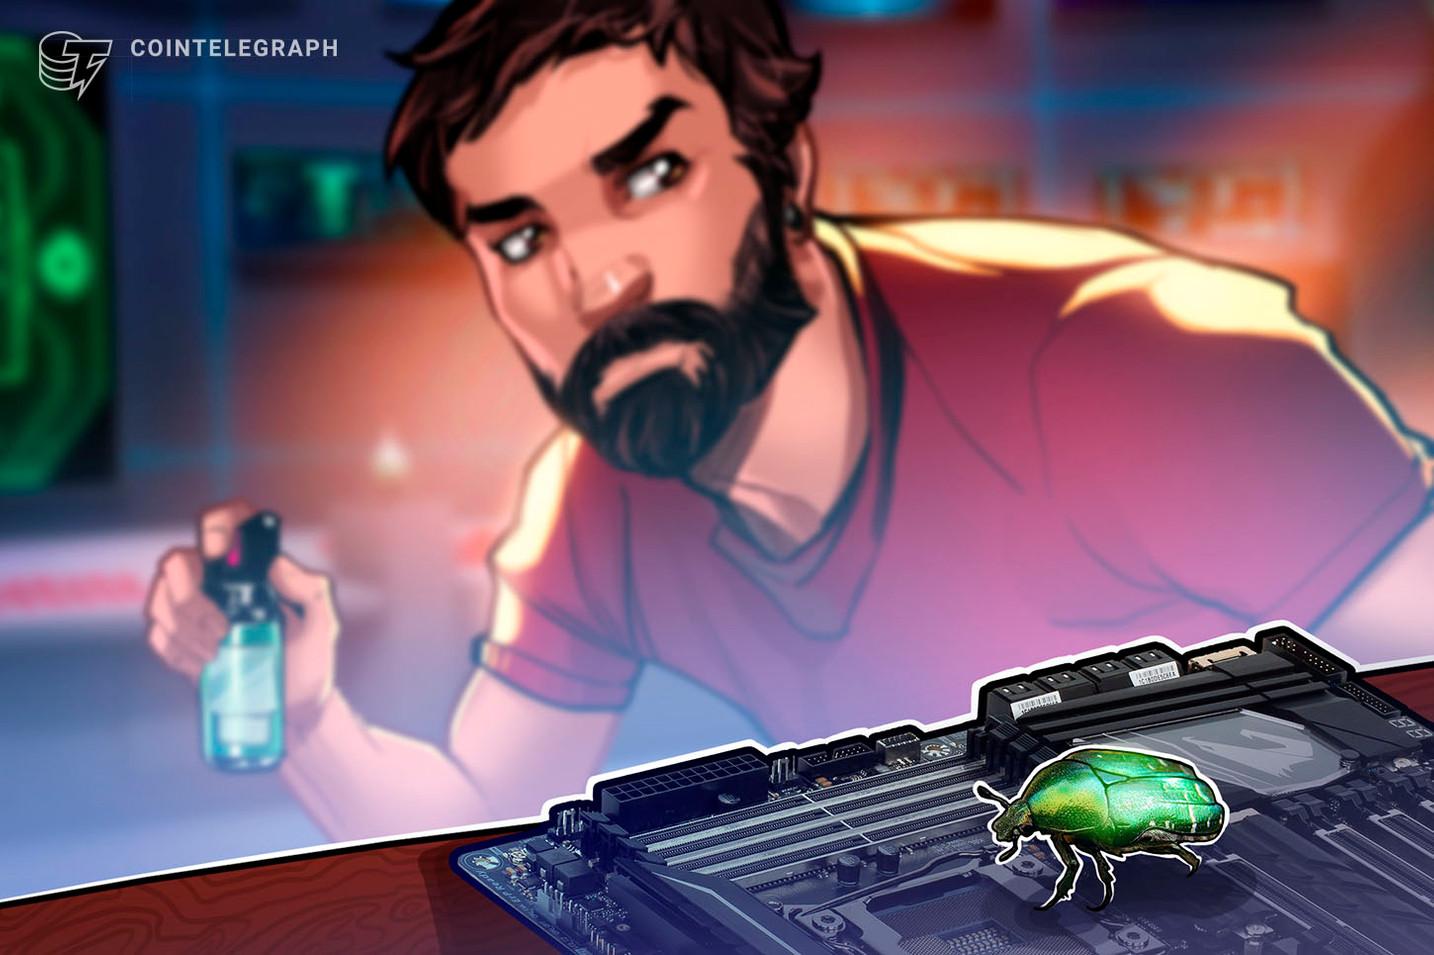 Bancor descubre una vulnerabilidad crítica, se hackea a sí mismo para evitar el robo